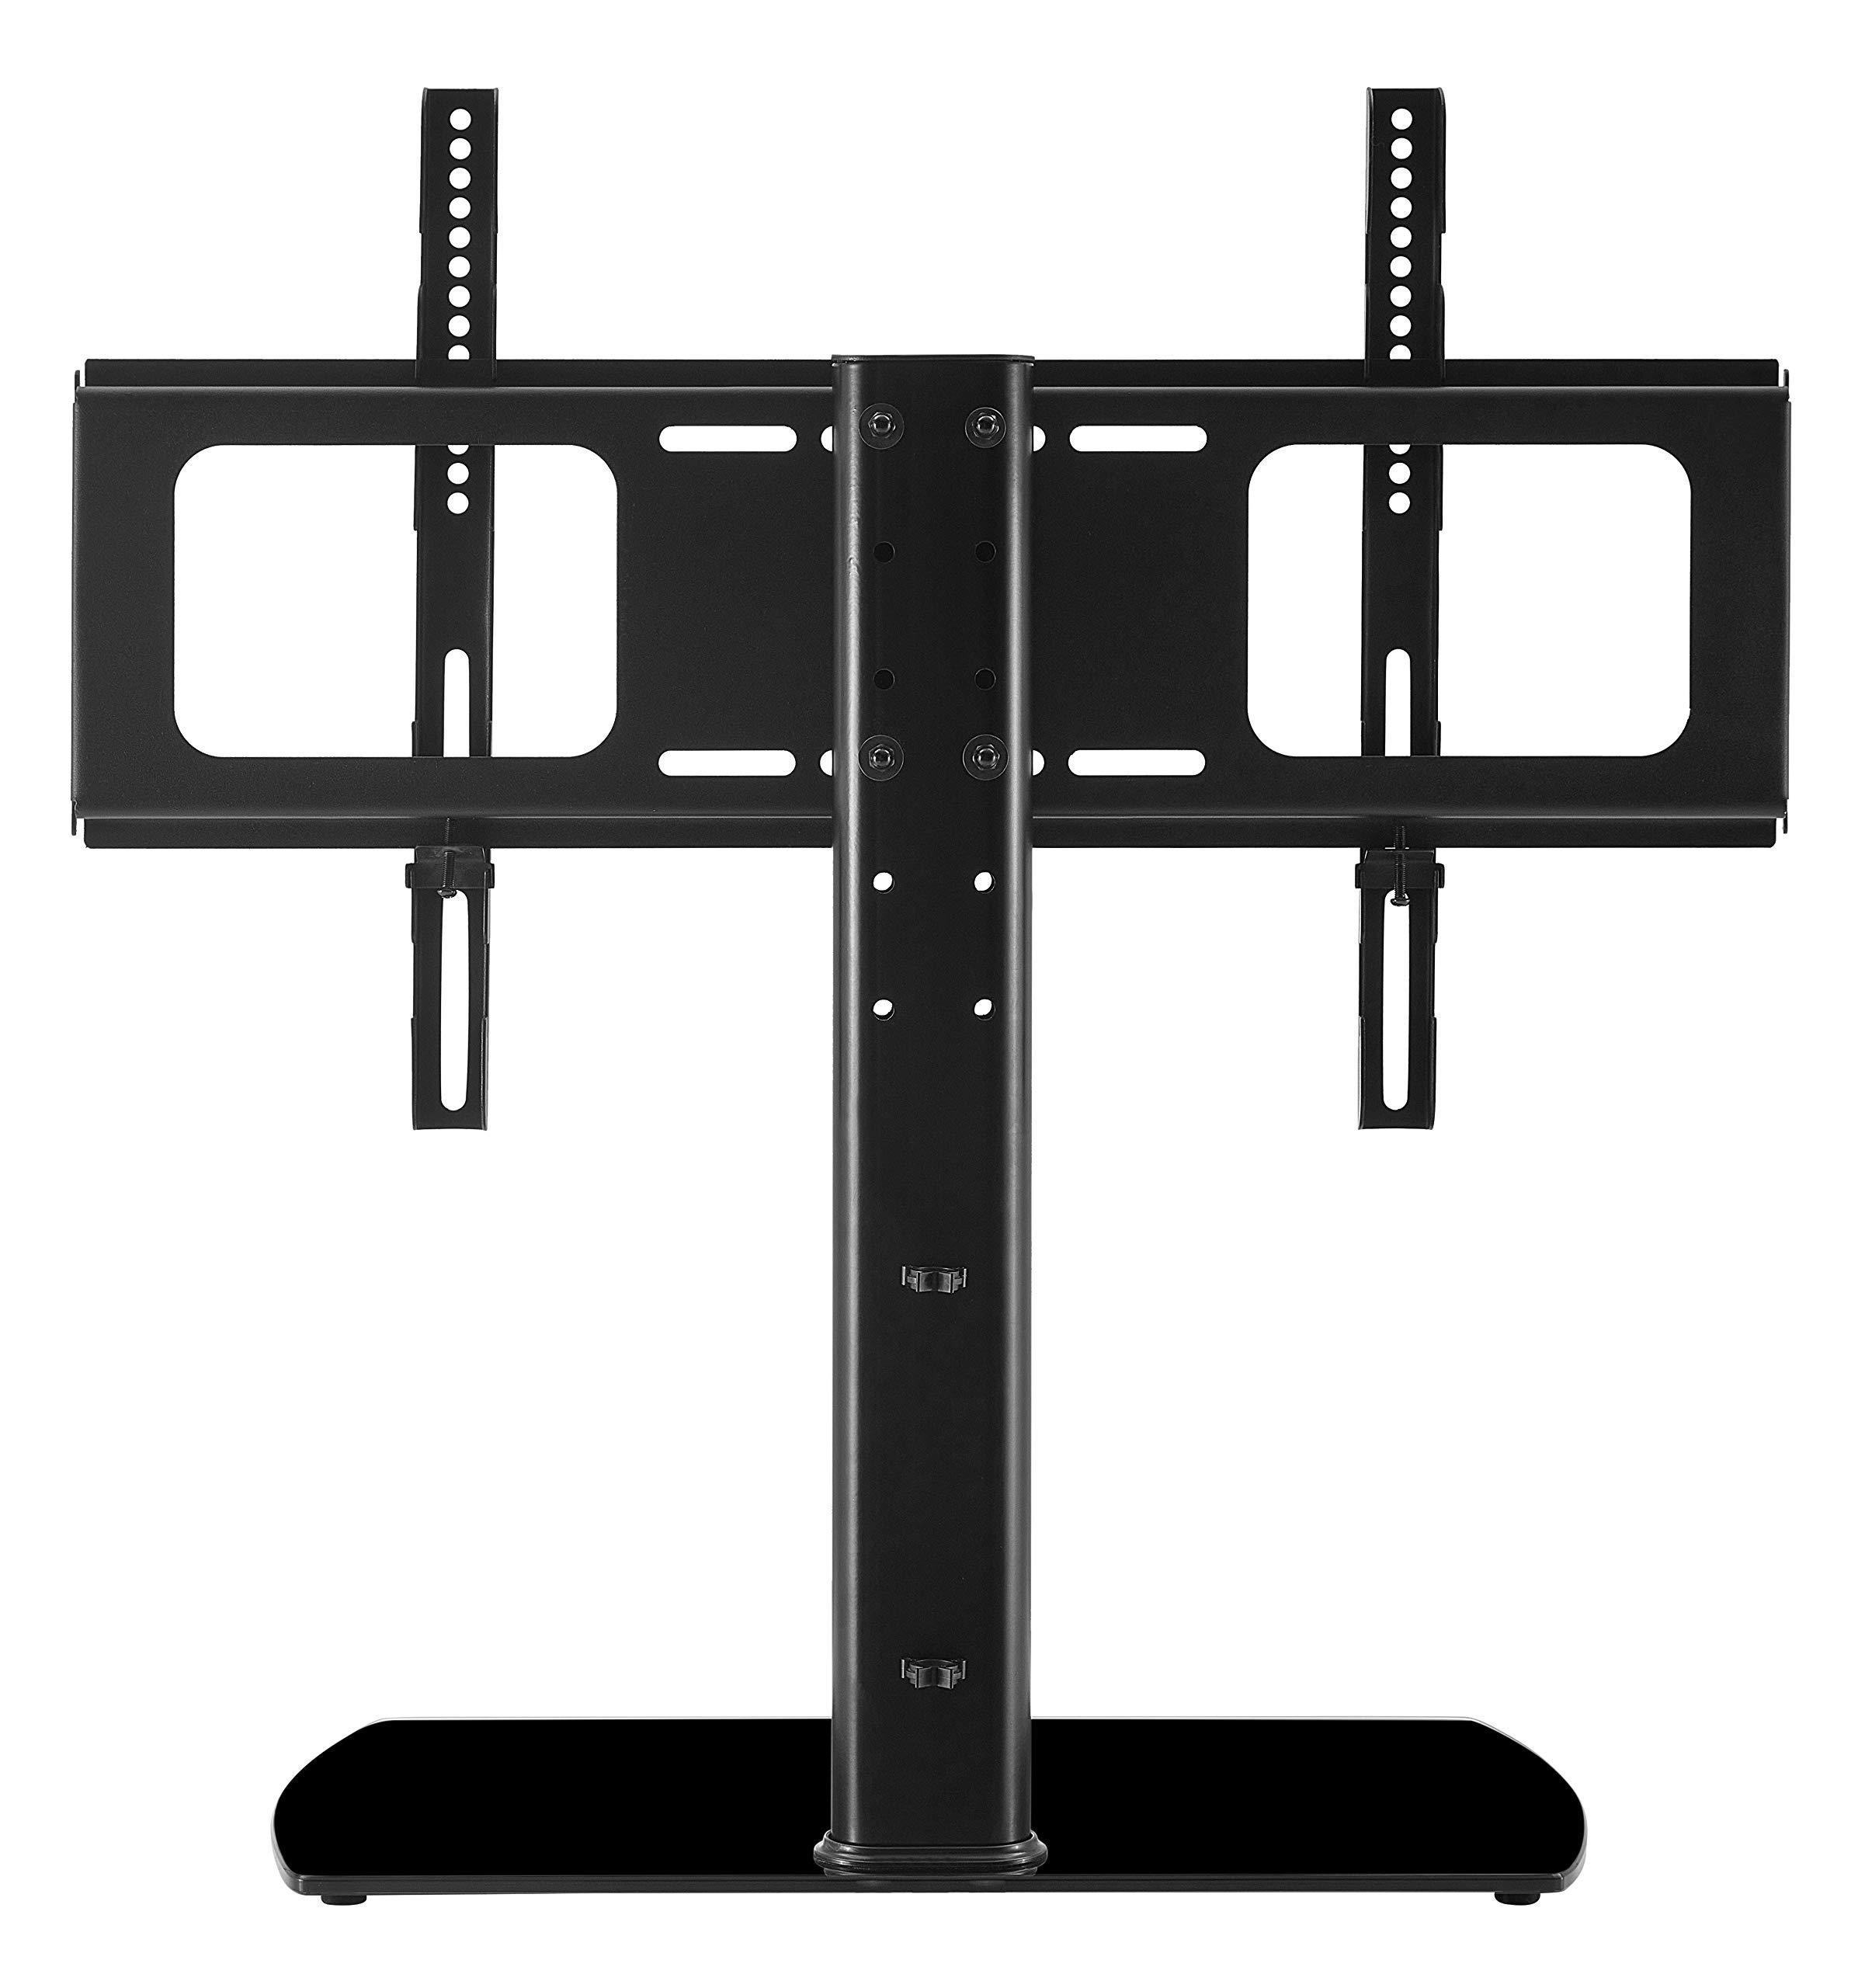 Soporte para televisor Mountright, para televisor LCD, LED y Plasma de 32 hasta 50 Pulgadas, Color Negro: Amazon.es: Electrónica